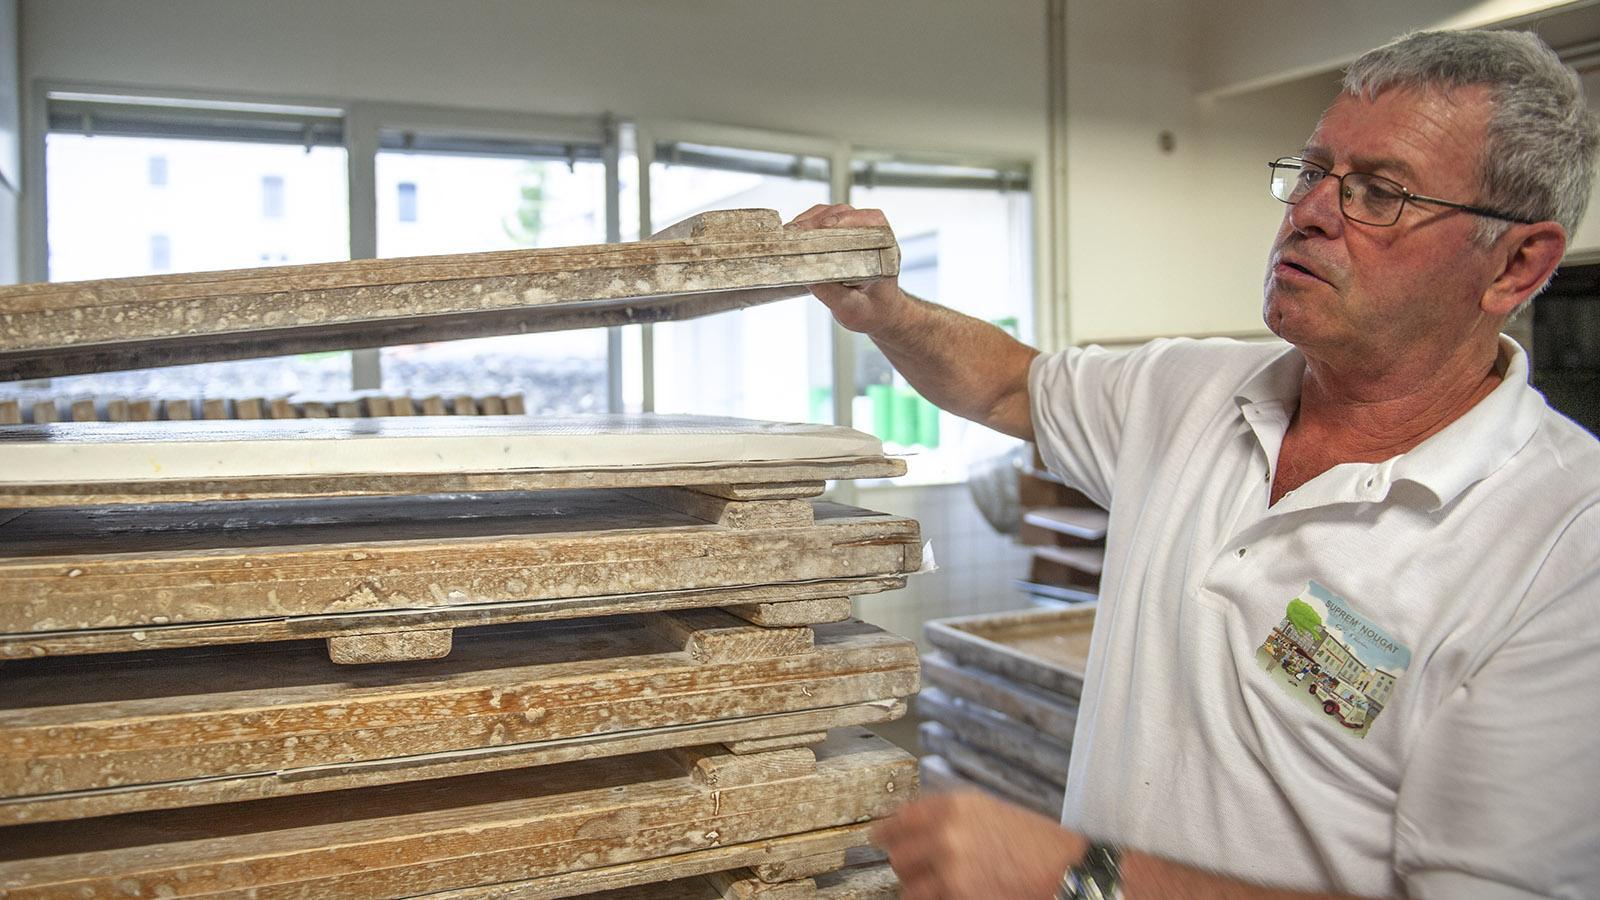 Suprem' Nougat Savin: Monsieur Savin zeigt die Holzrahmen, in die der Nougat gegossen wird. Foto: Hilke Maunder